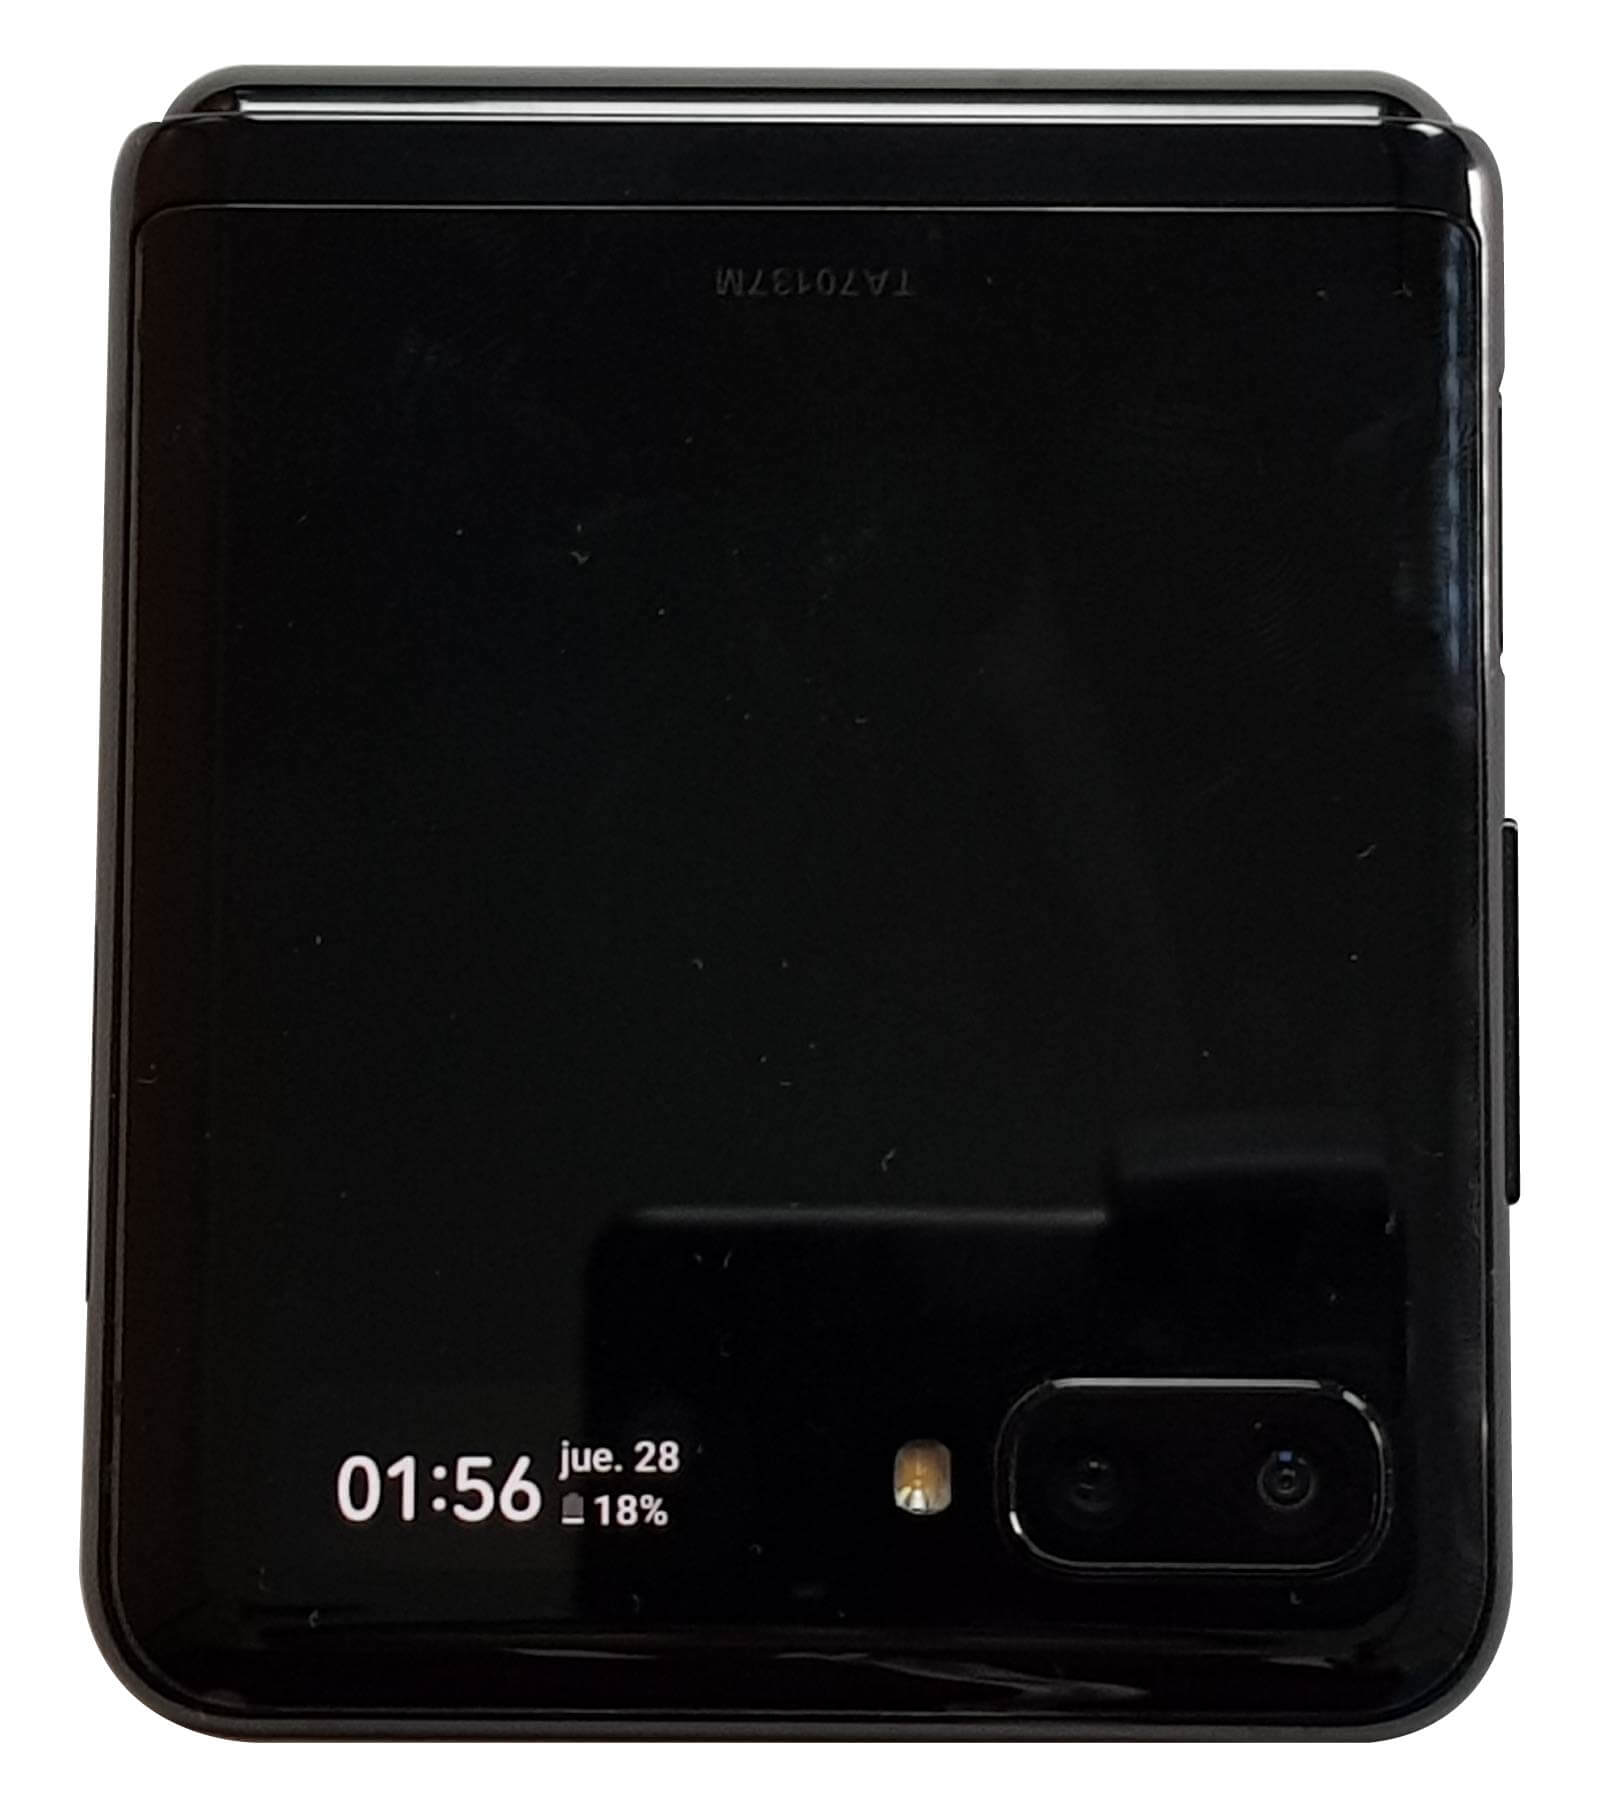 Samsung Galaxy Z Flip cerrado